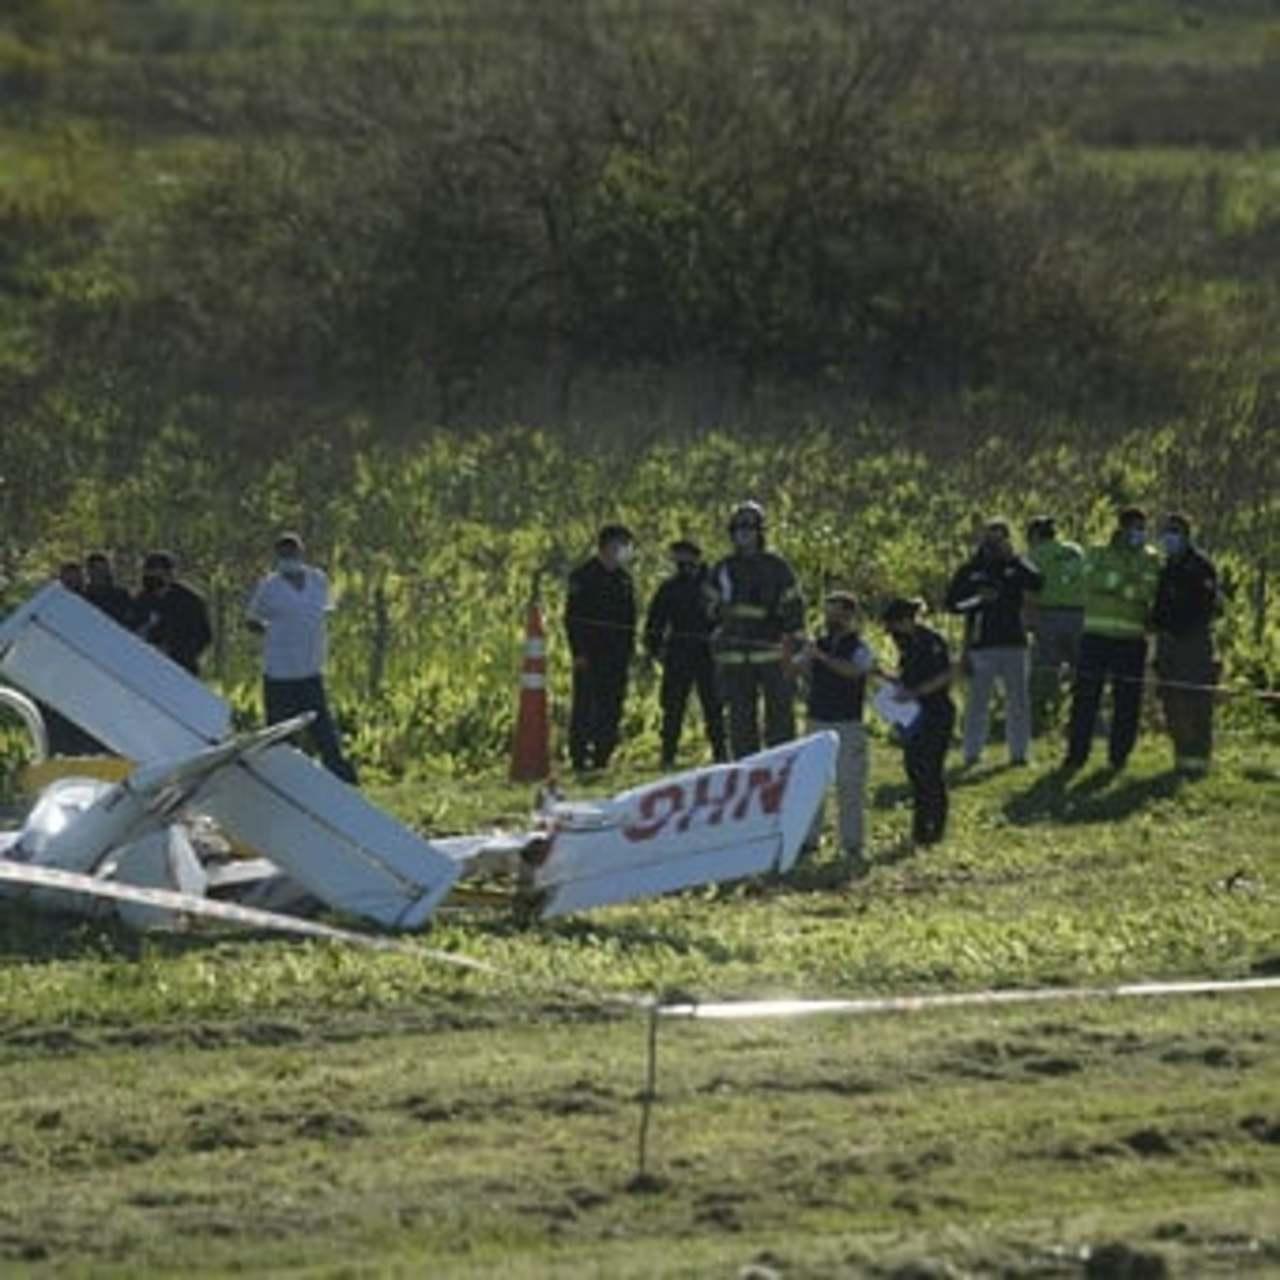 Avionazo deja 2 muertos